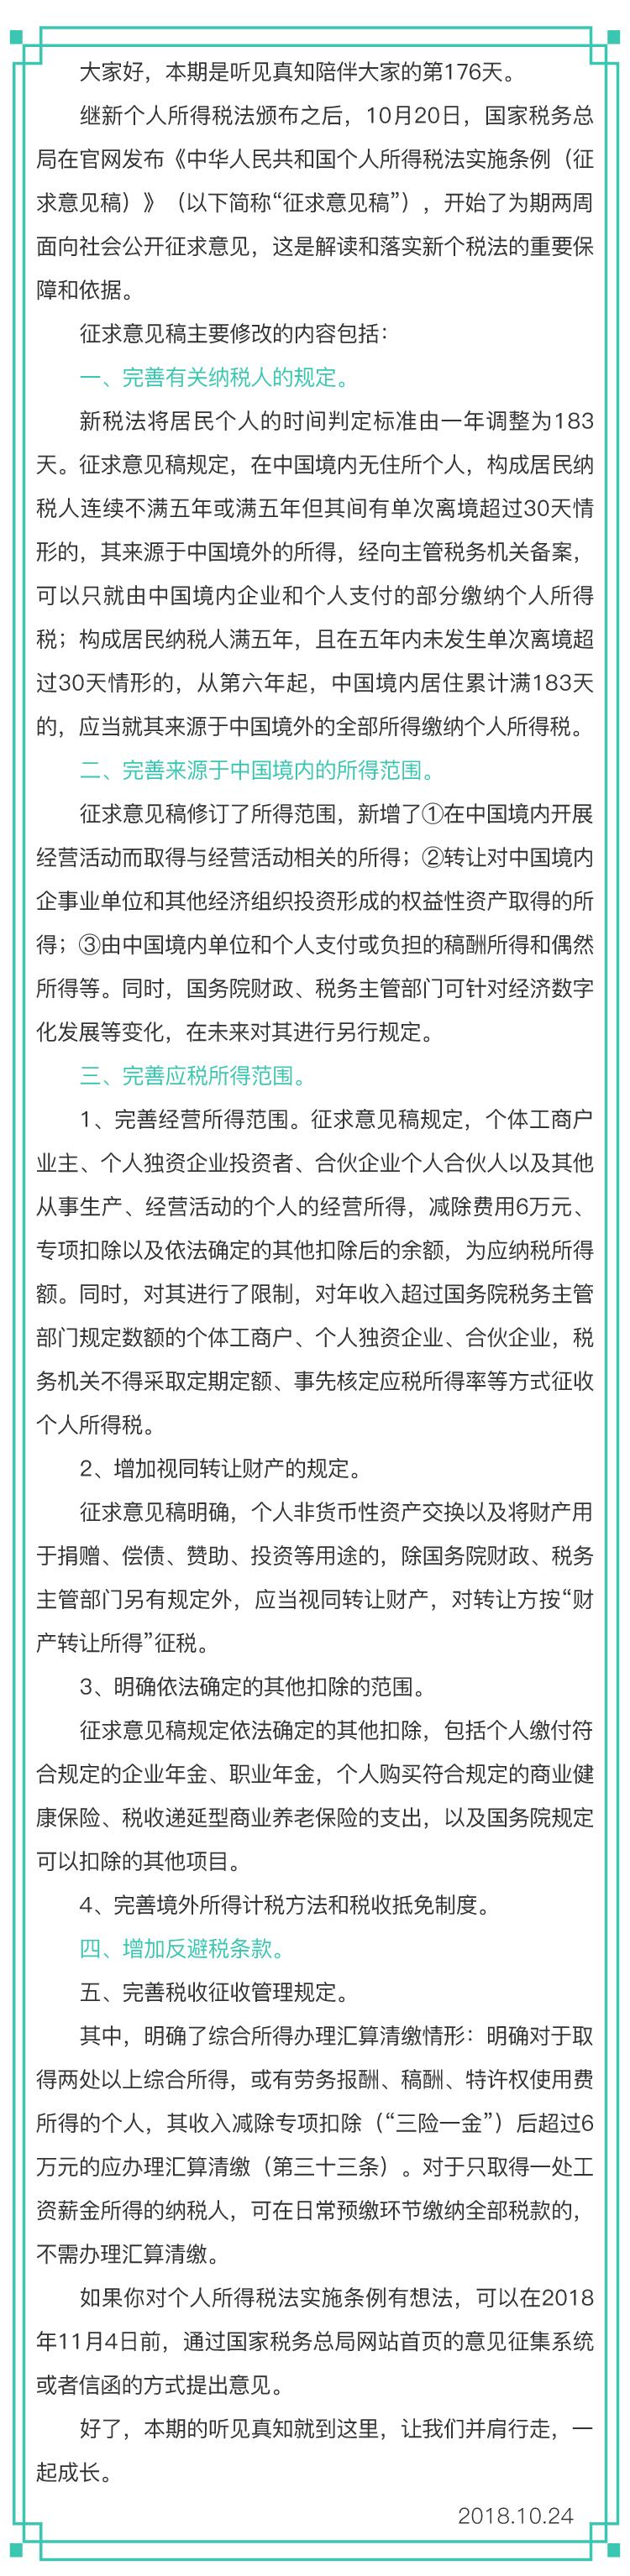 听见真知内文-1(14).jpg